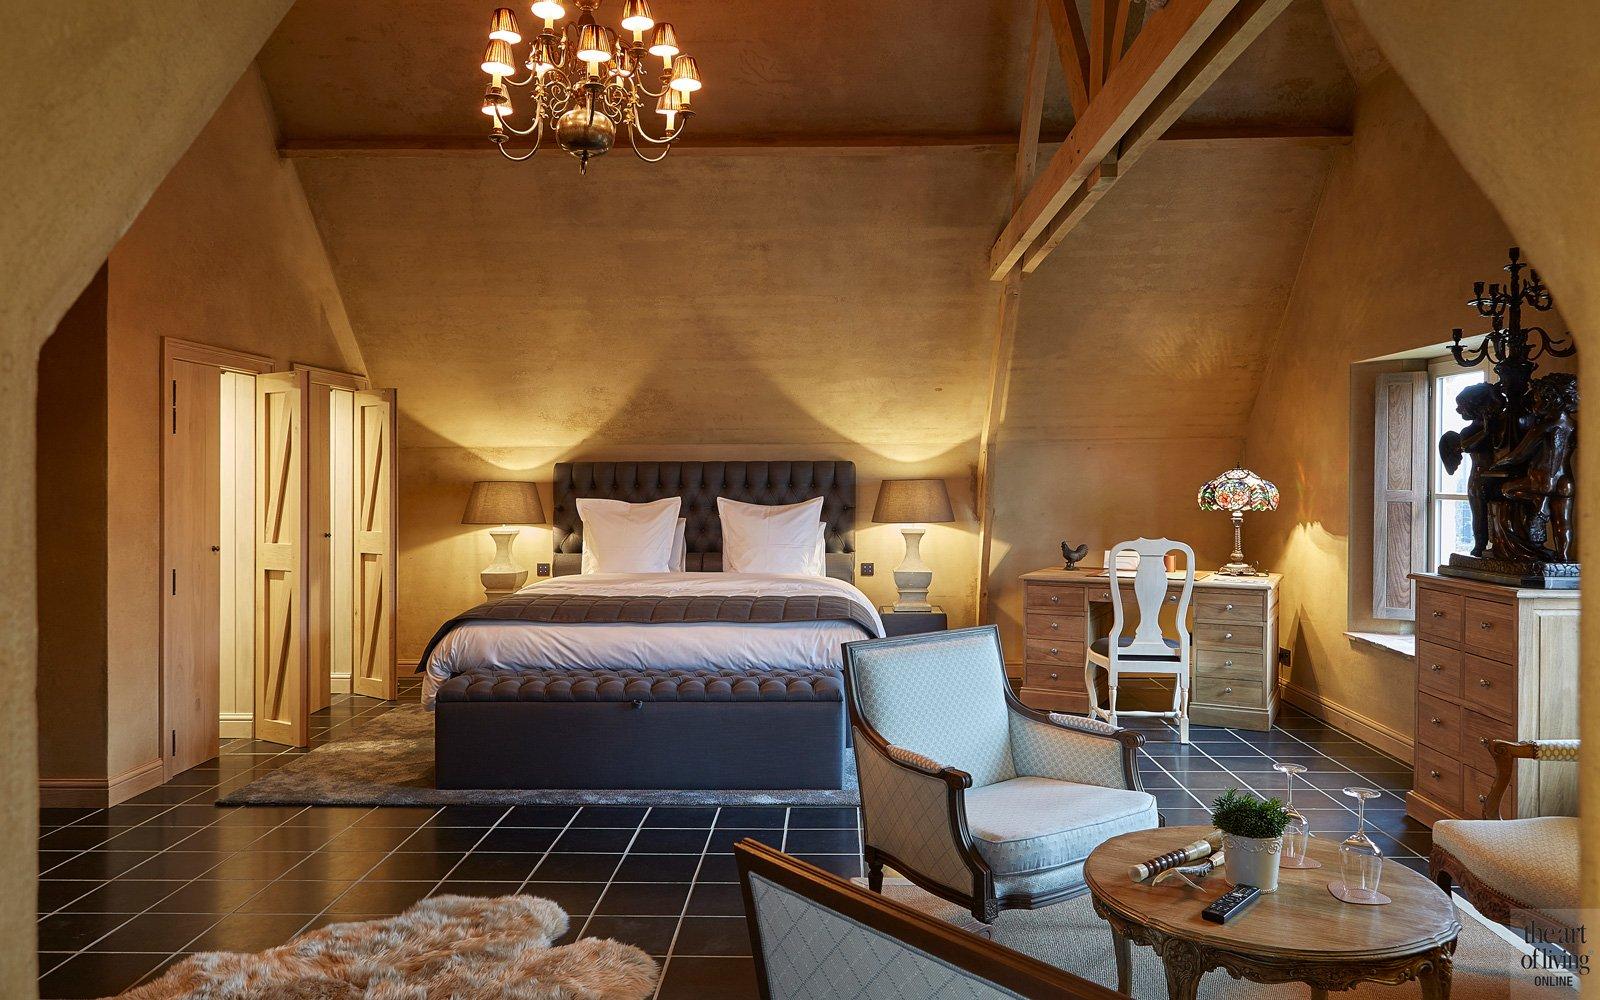 Slaapkamer Bed and Breakfast, bedlinnen van Slots Pure Textiles, bed, handgemaakt door Styldecor